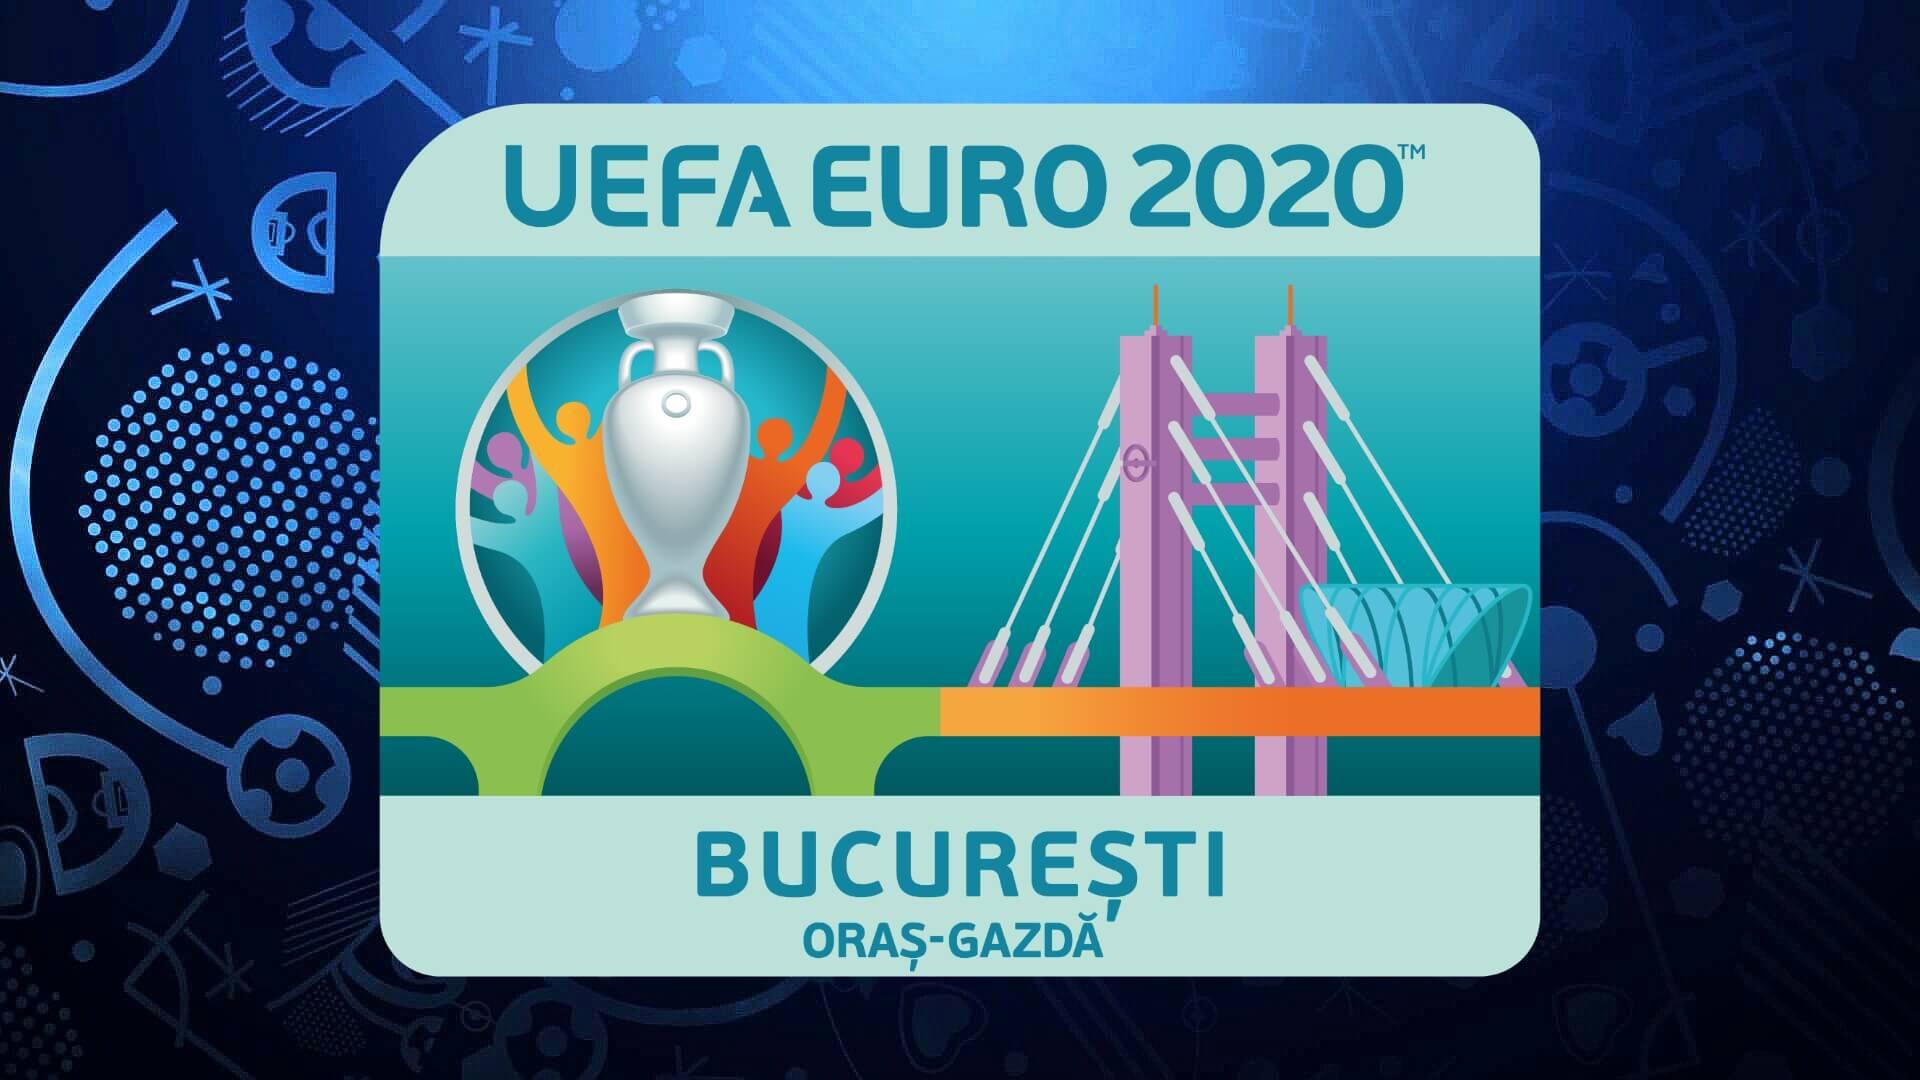 Guvernul României a declarat EURO 2020 de interes public și importanță națională PicsArt 04 13 08